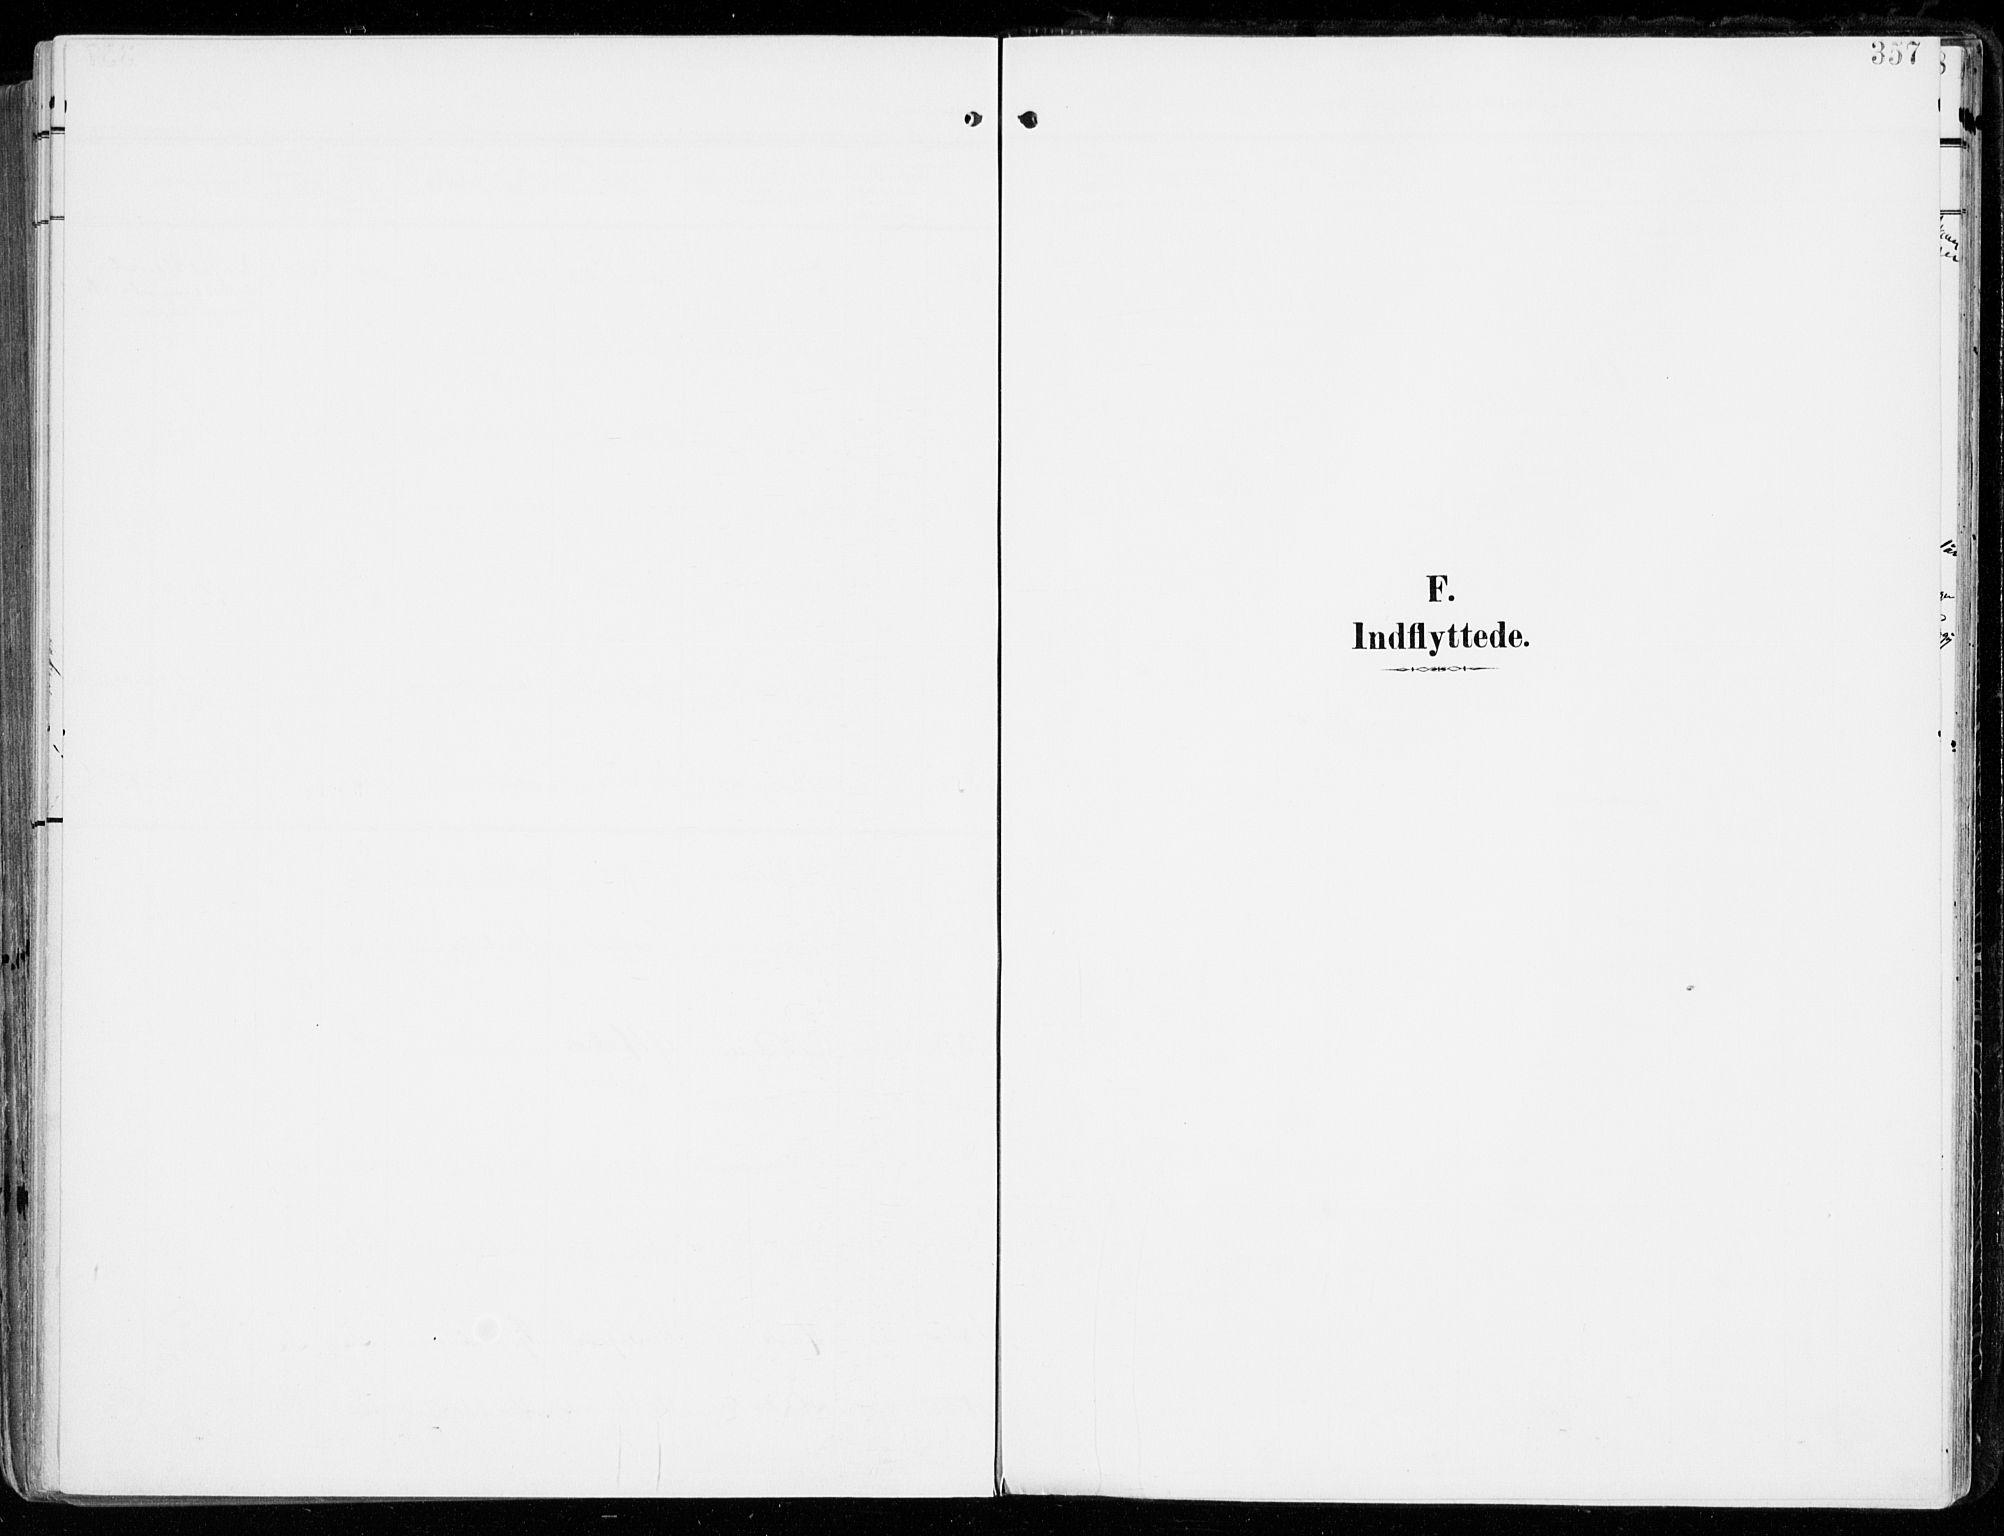 SAKO, Tjølling kirkebøker, F/Fa/L0010: Ministerialbok nr. 10, 1906-1923, s. 357